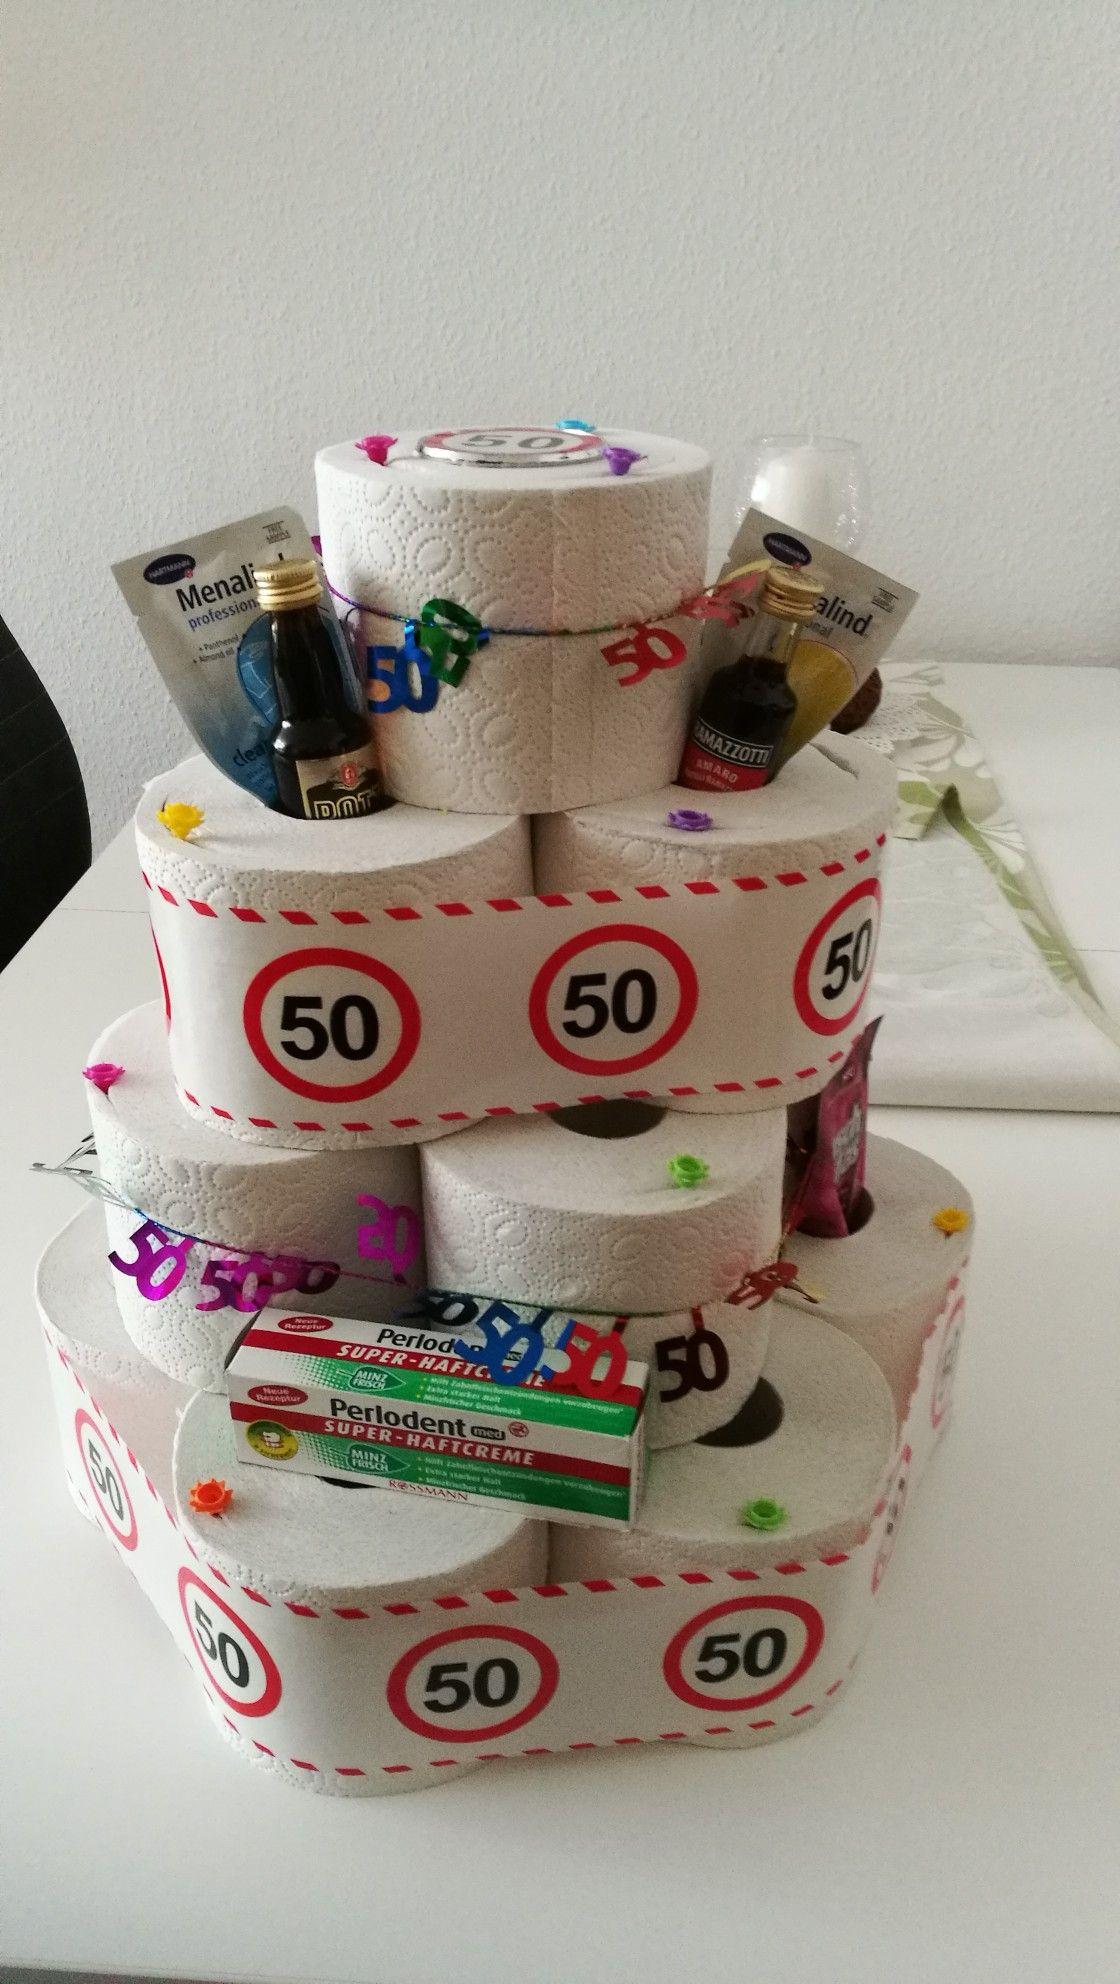 Klopapiertorte 50 Geburtstag Klopapiertorte Geburtstag